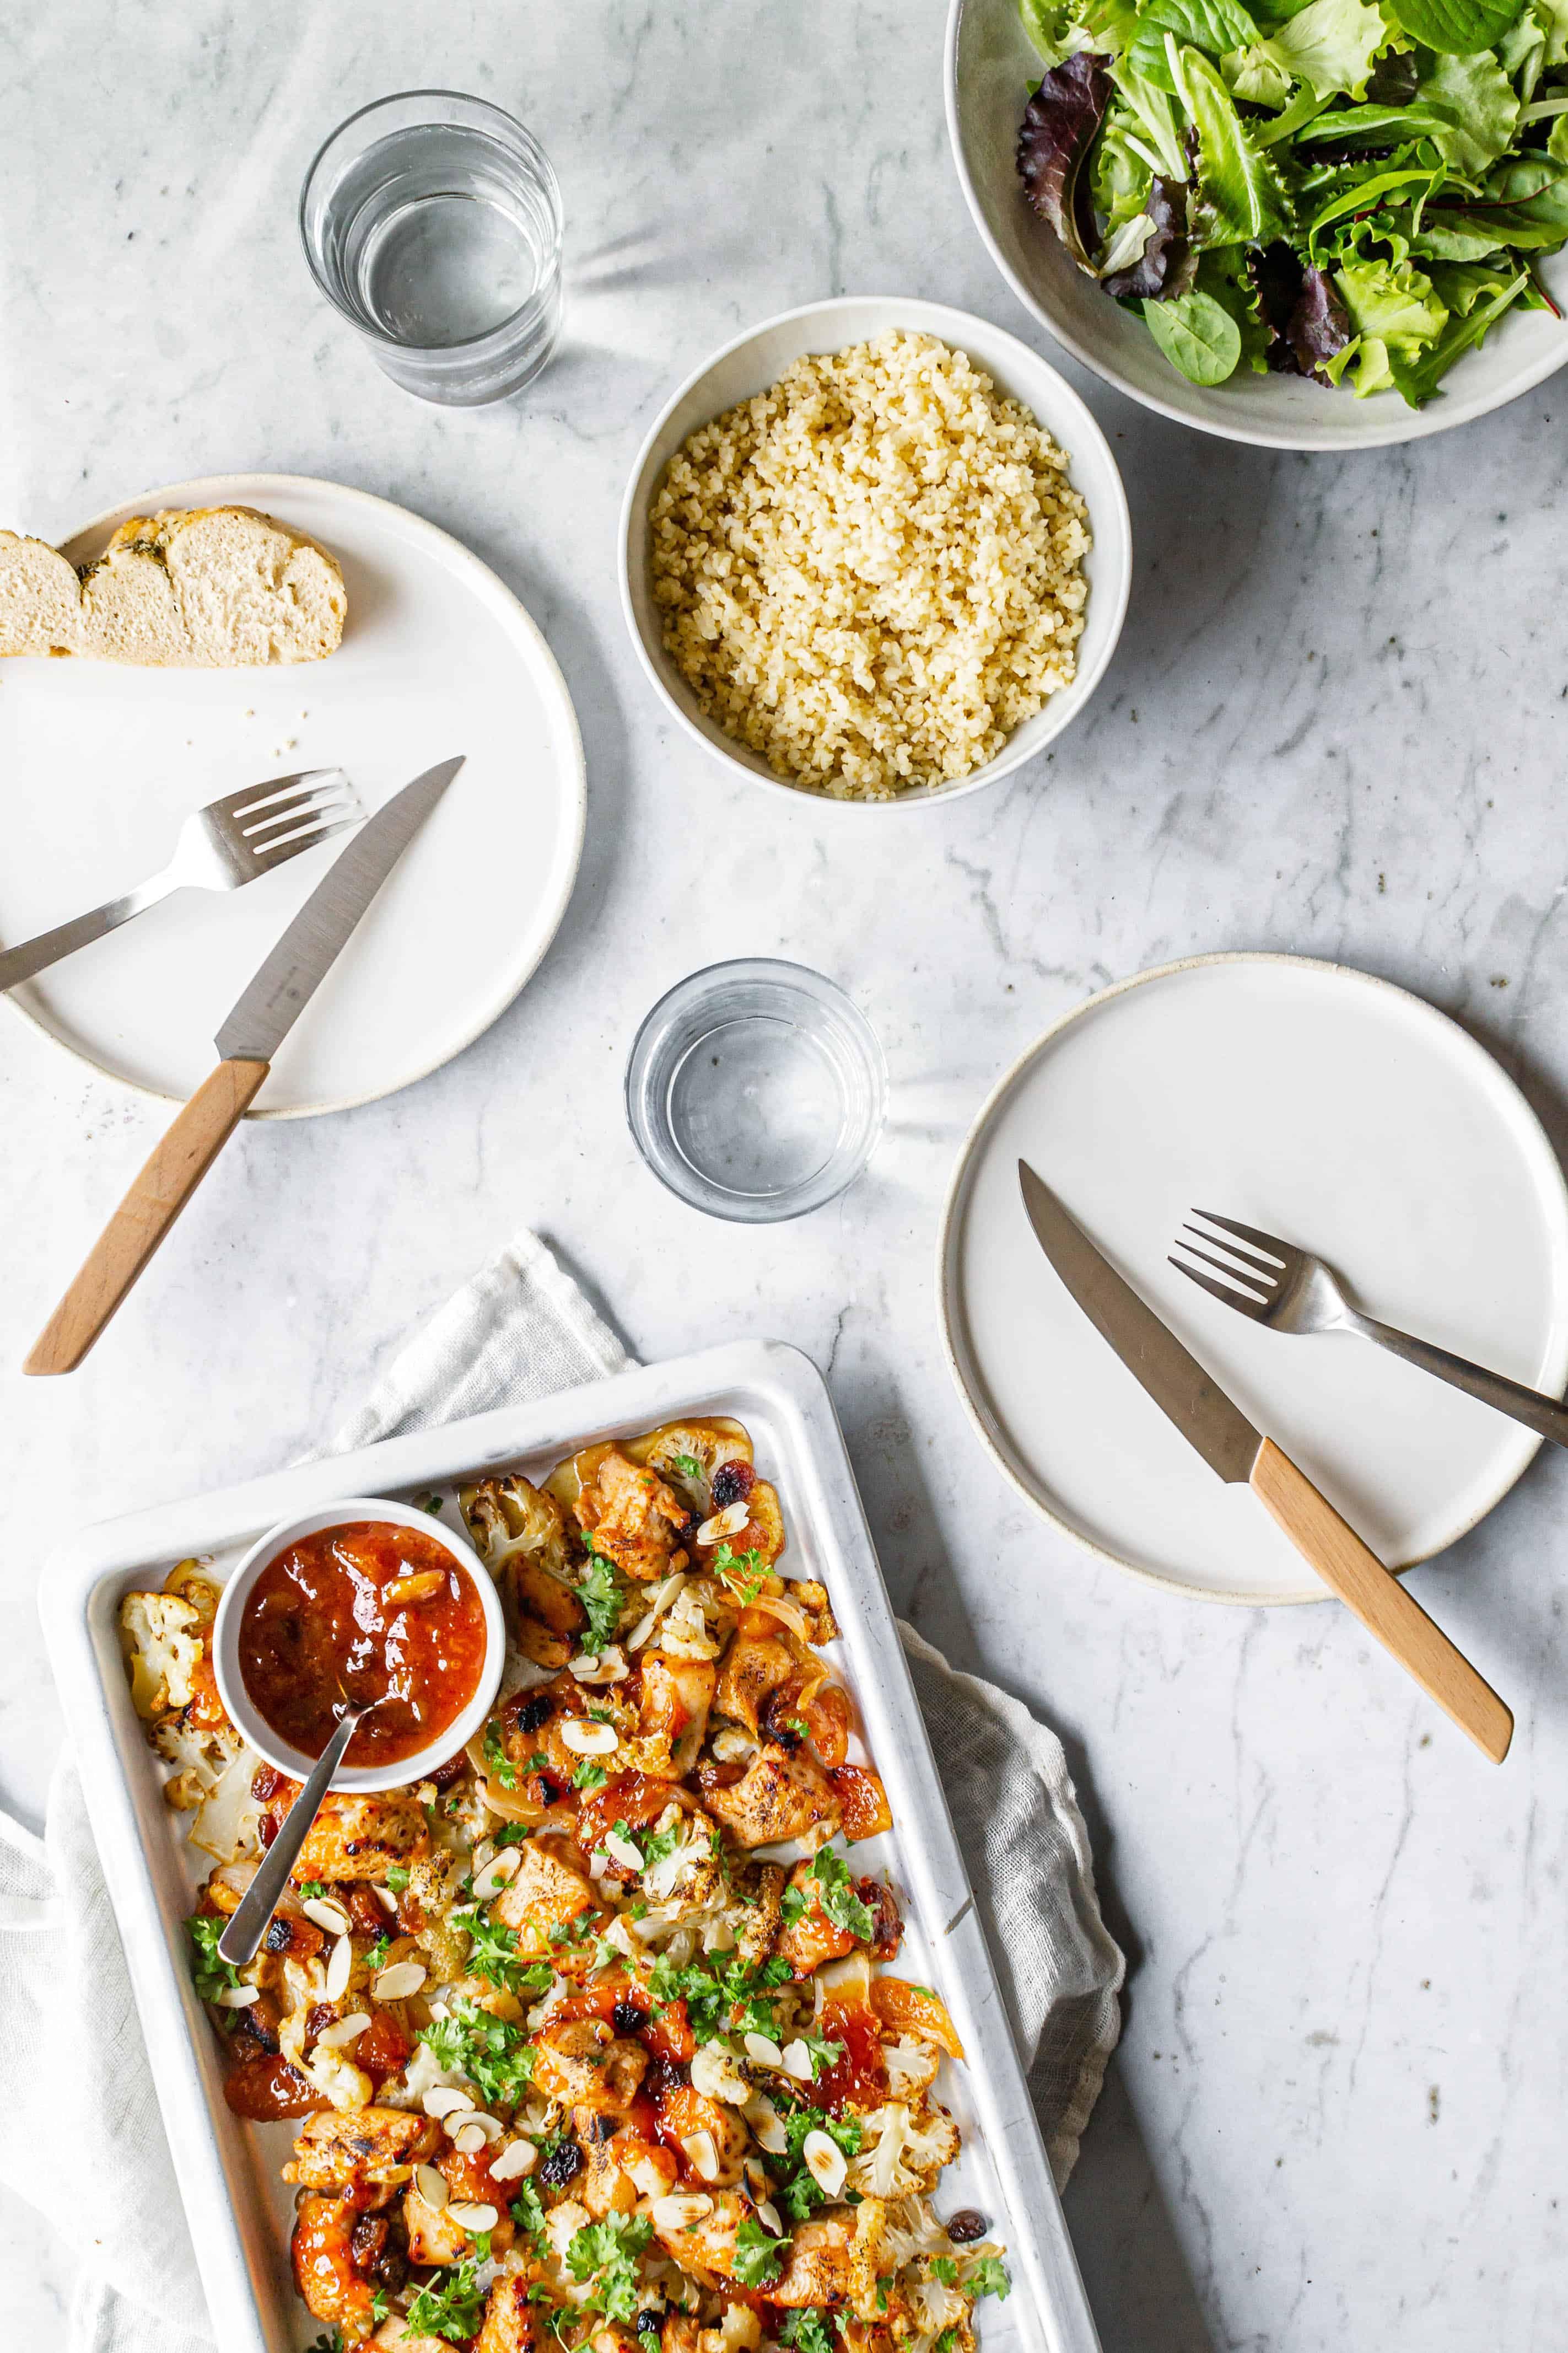 kylling i ovn - aftensmad på 30 minutter